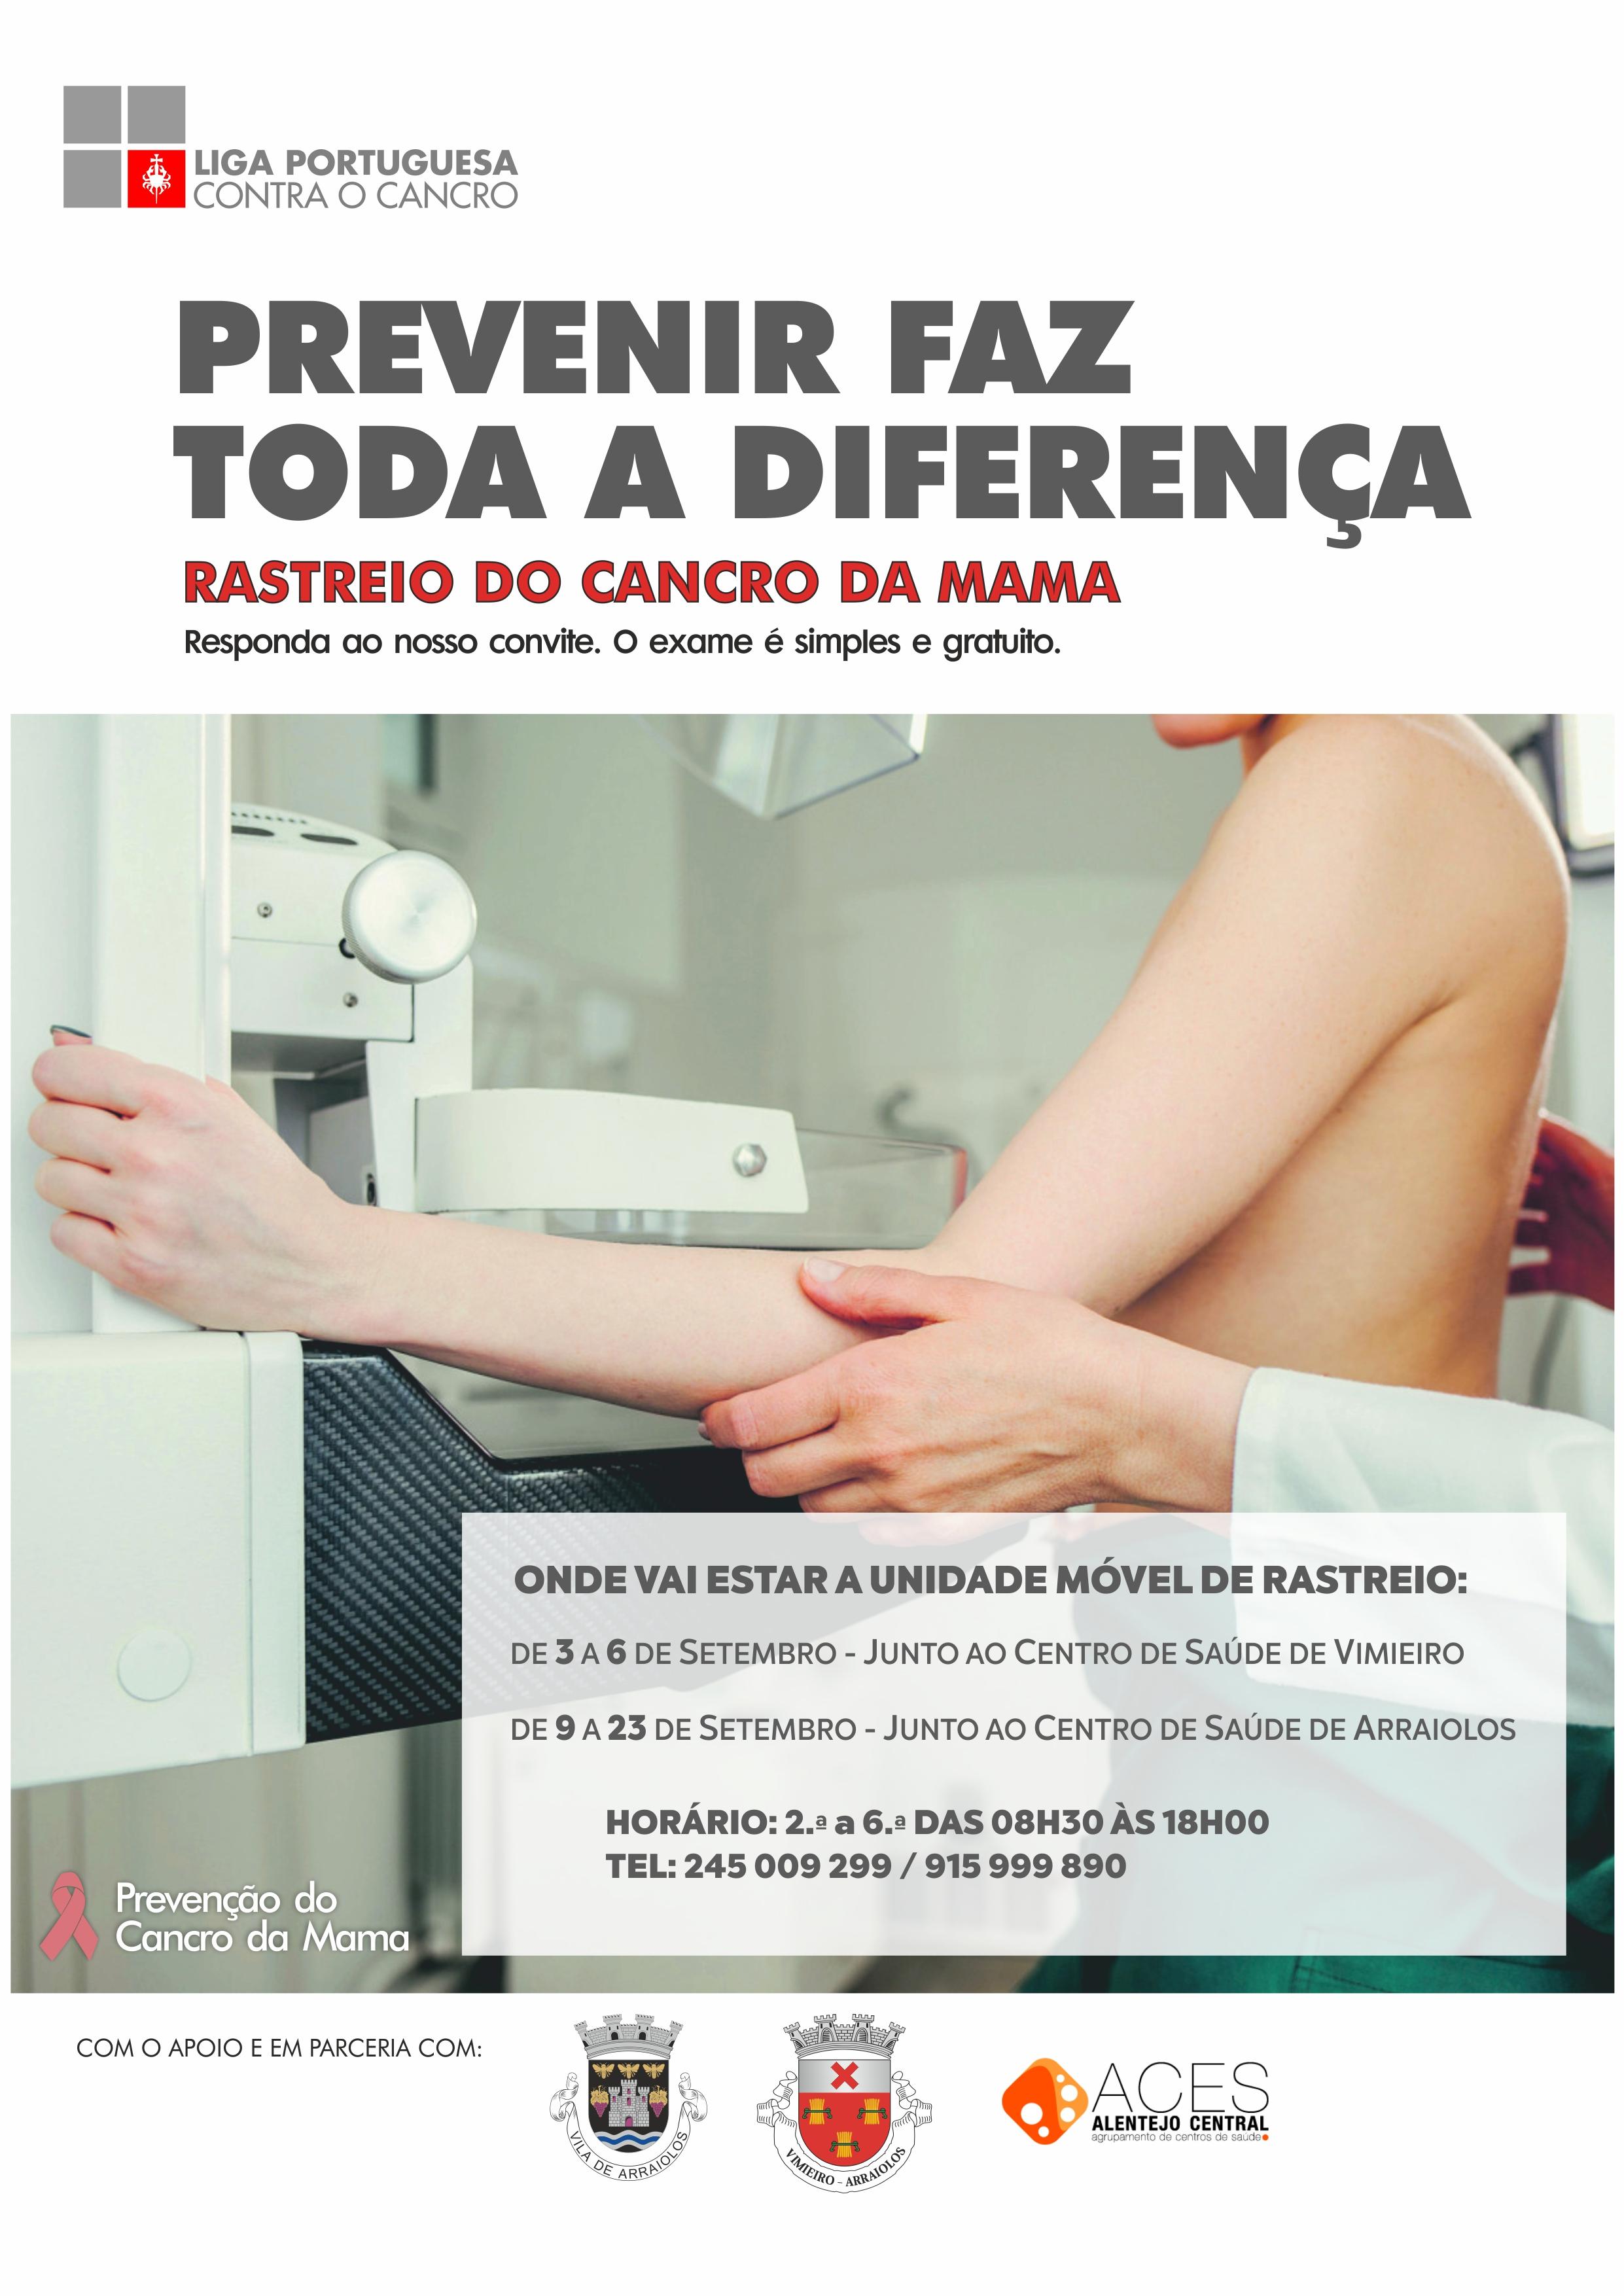 Rastreio Cancro da Mama.jpg